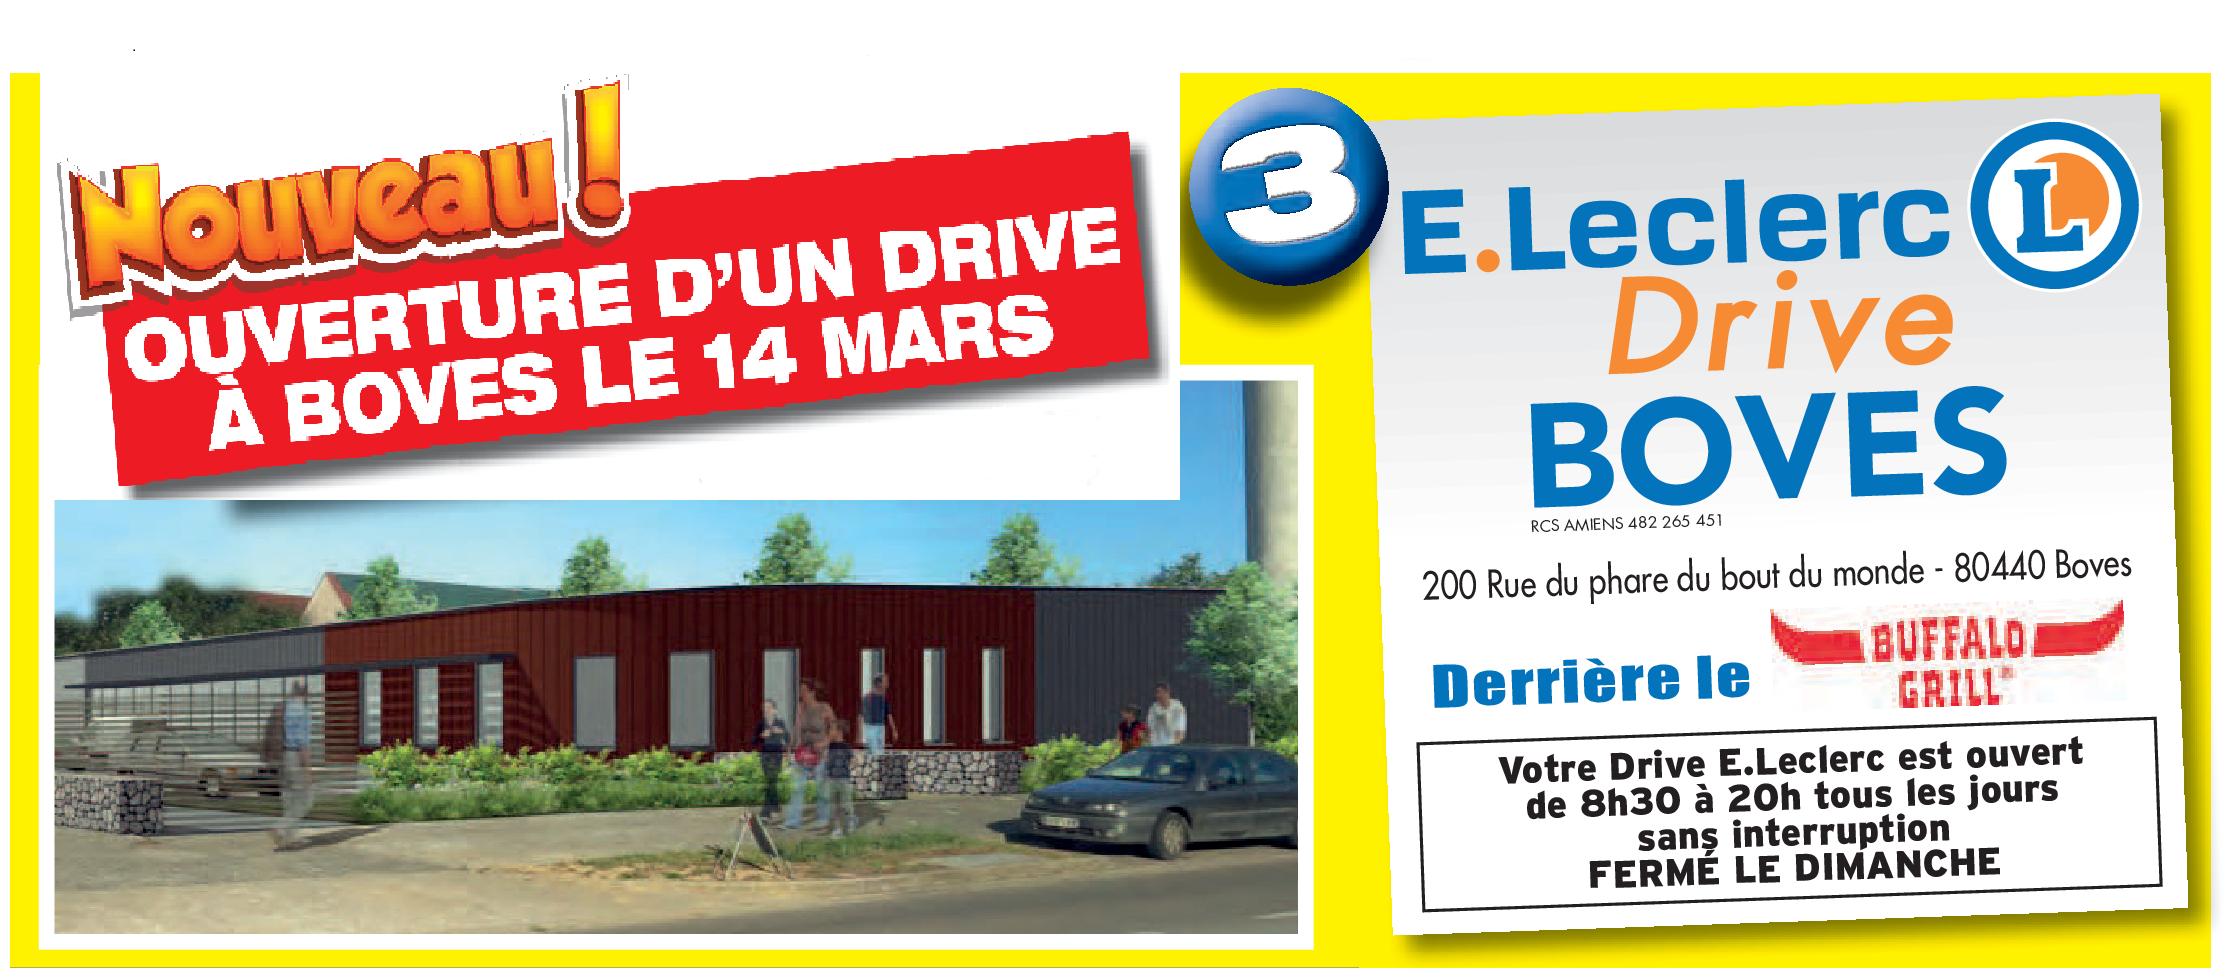 E.leclerc Rivery - Hypermarchés E.leclerc pour Salon De Jardin Leclerc Catalogue